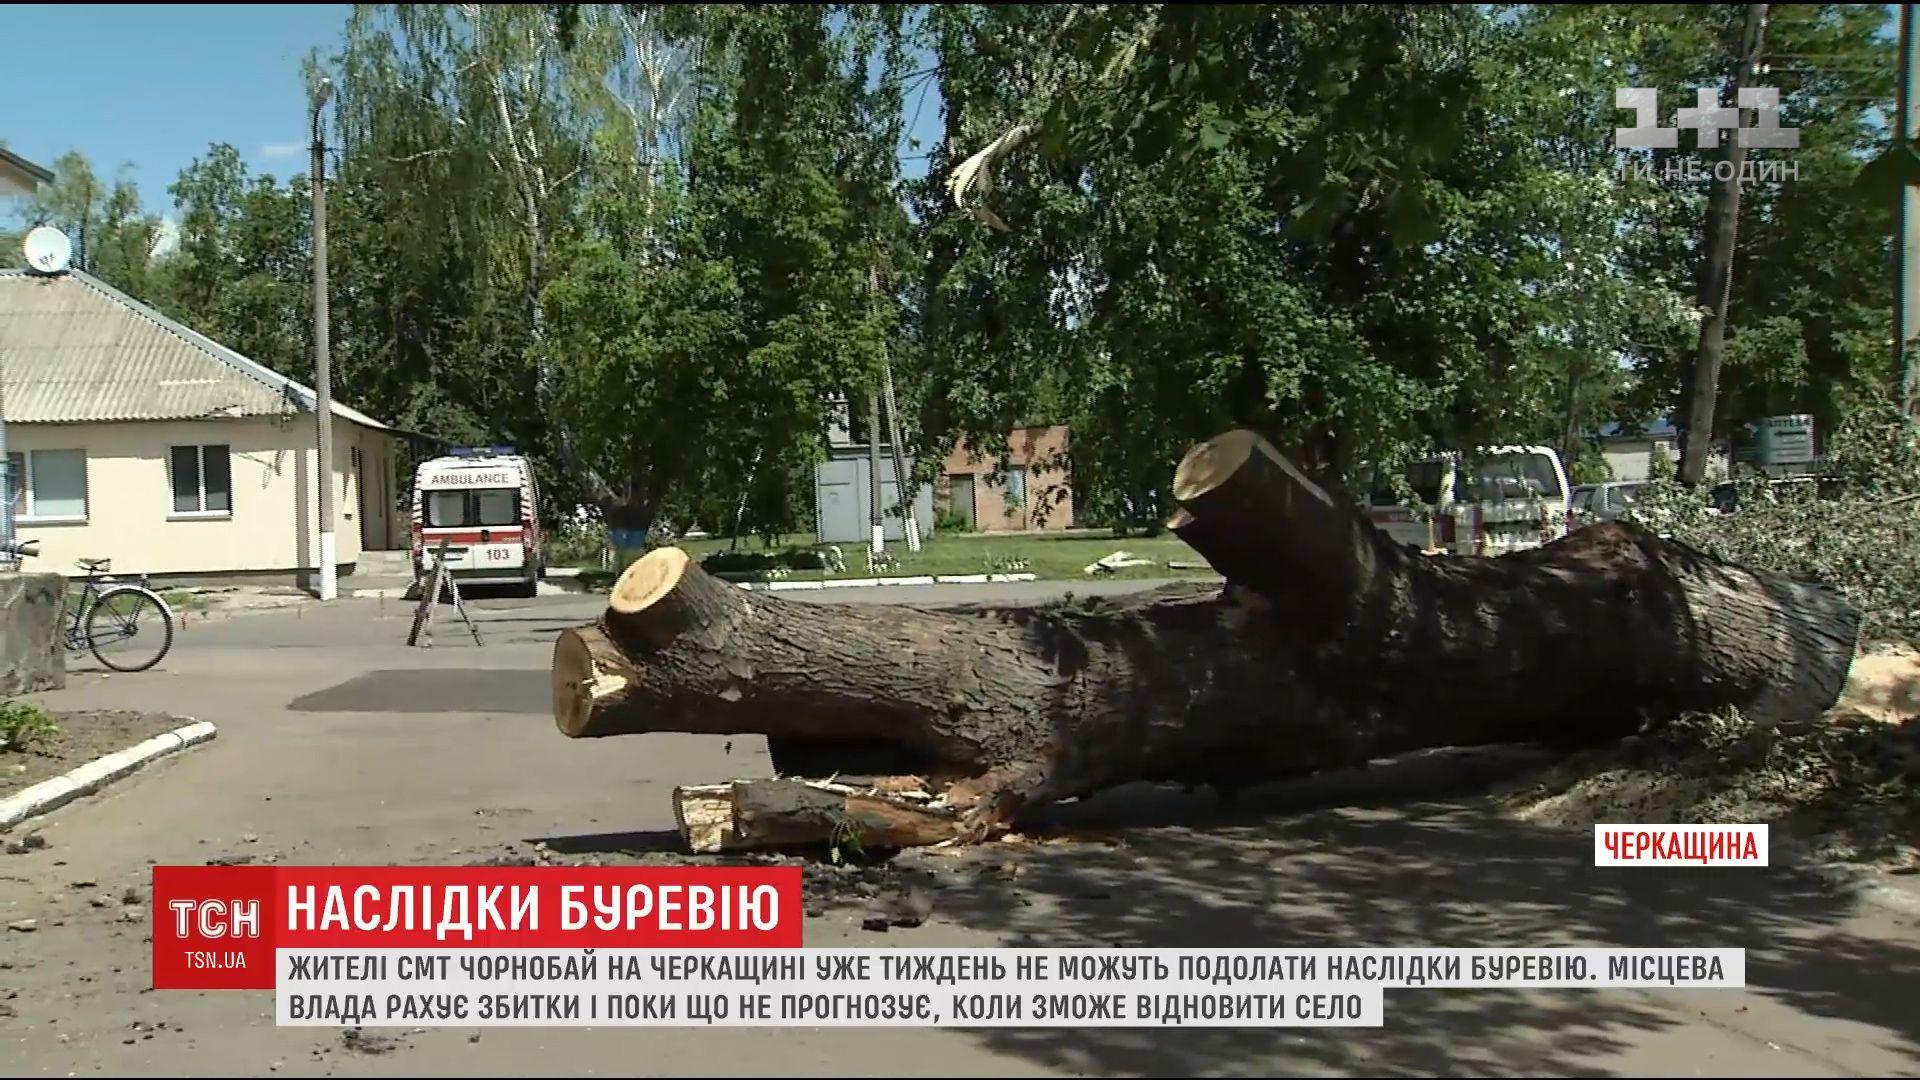 Жителі Черкаської області вже тиждень не можуть подолати наслідки страшного урагану /